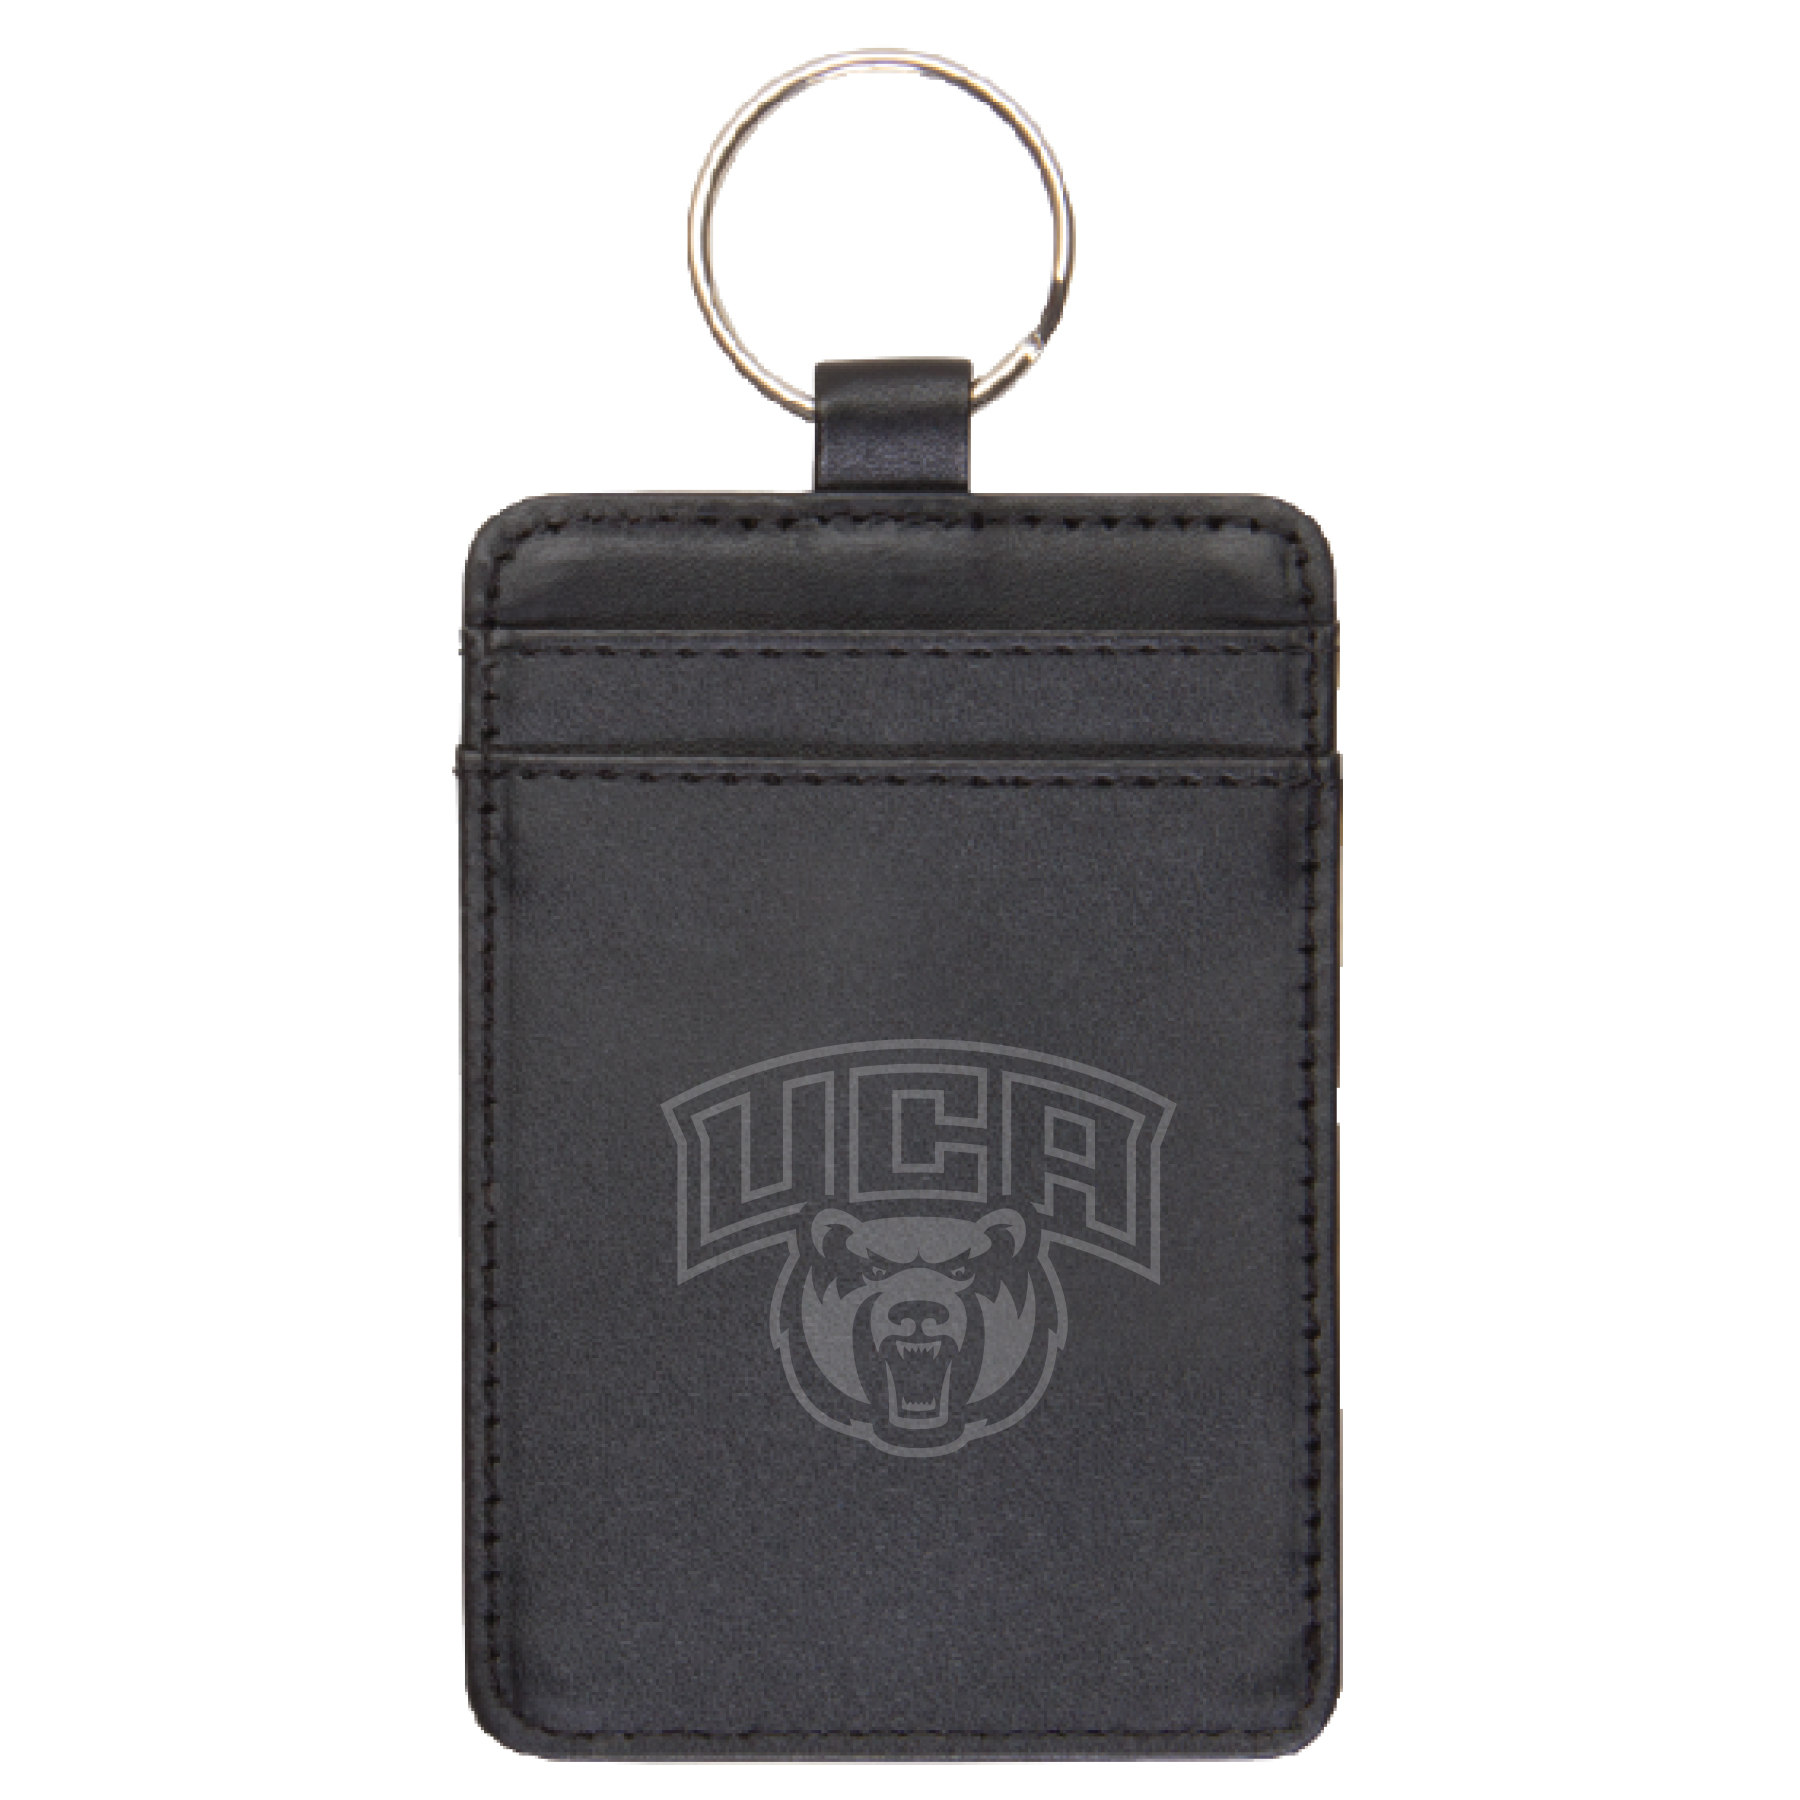 UCA Leather ID Holder